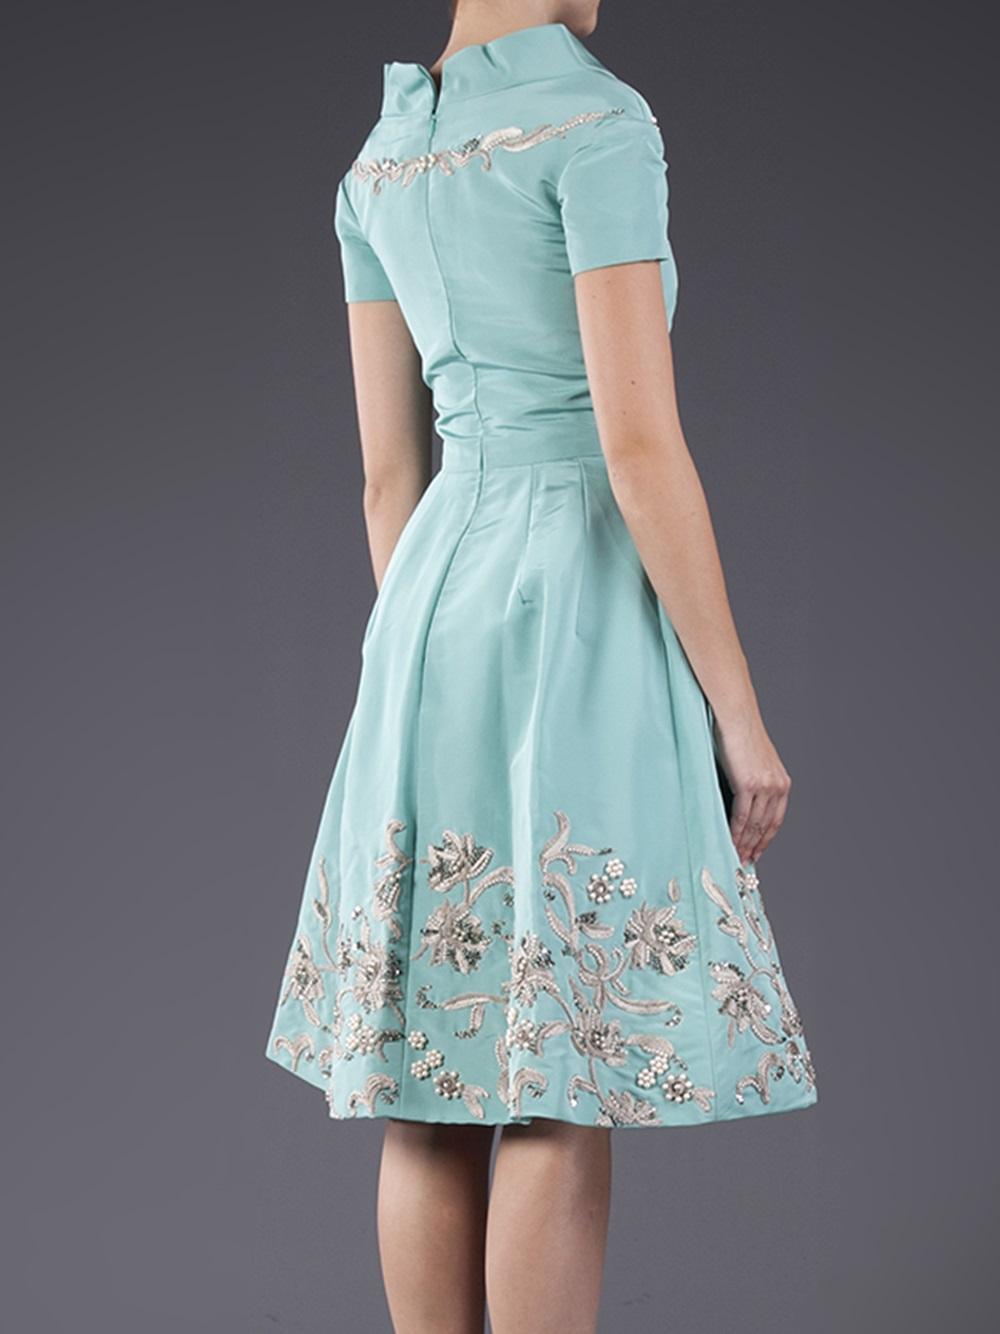 Lyst - Oscar De La Renta Woven Off Shoulder Dress in Blue